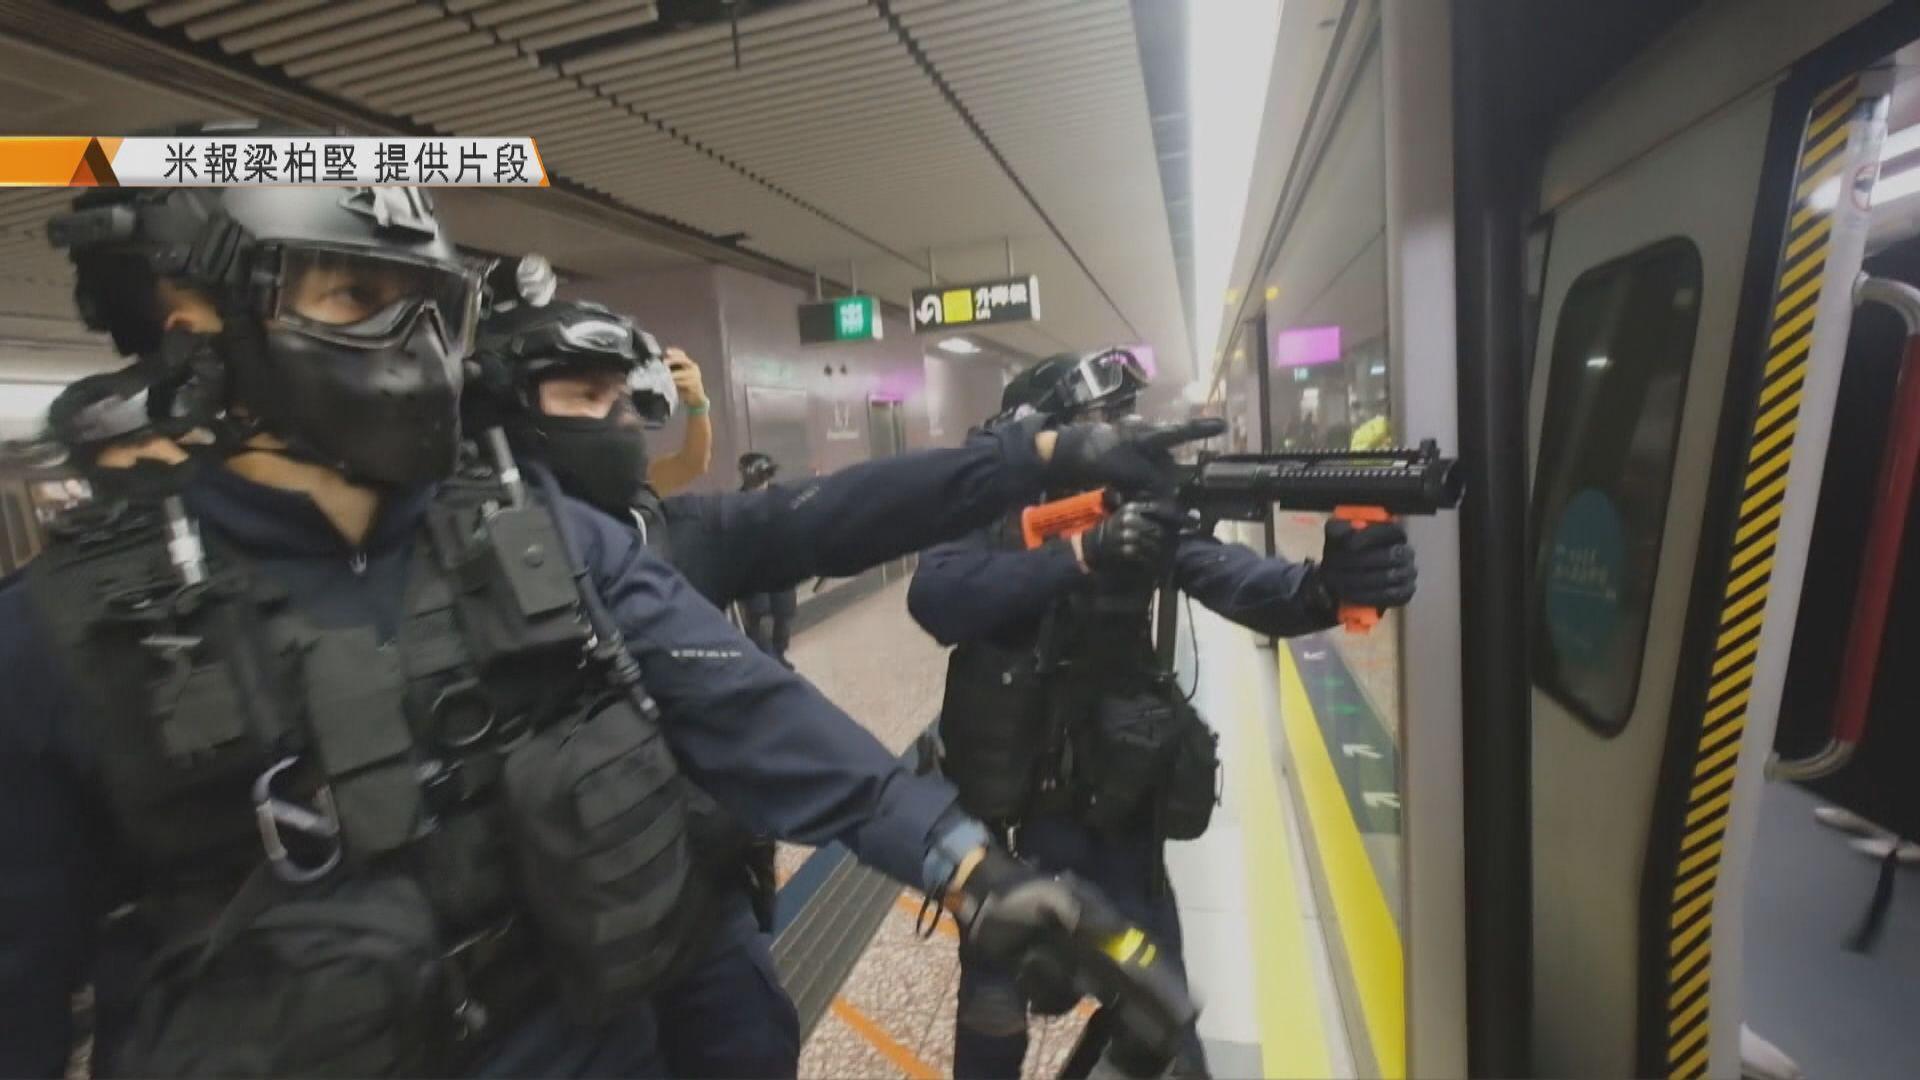 【監警會報告】831太子站內有人被殺傳言是「超乎尋常的主張」、示威者換裝扮乘客「窮凶極惡」